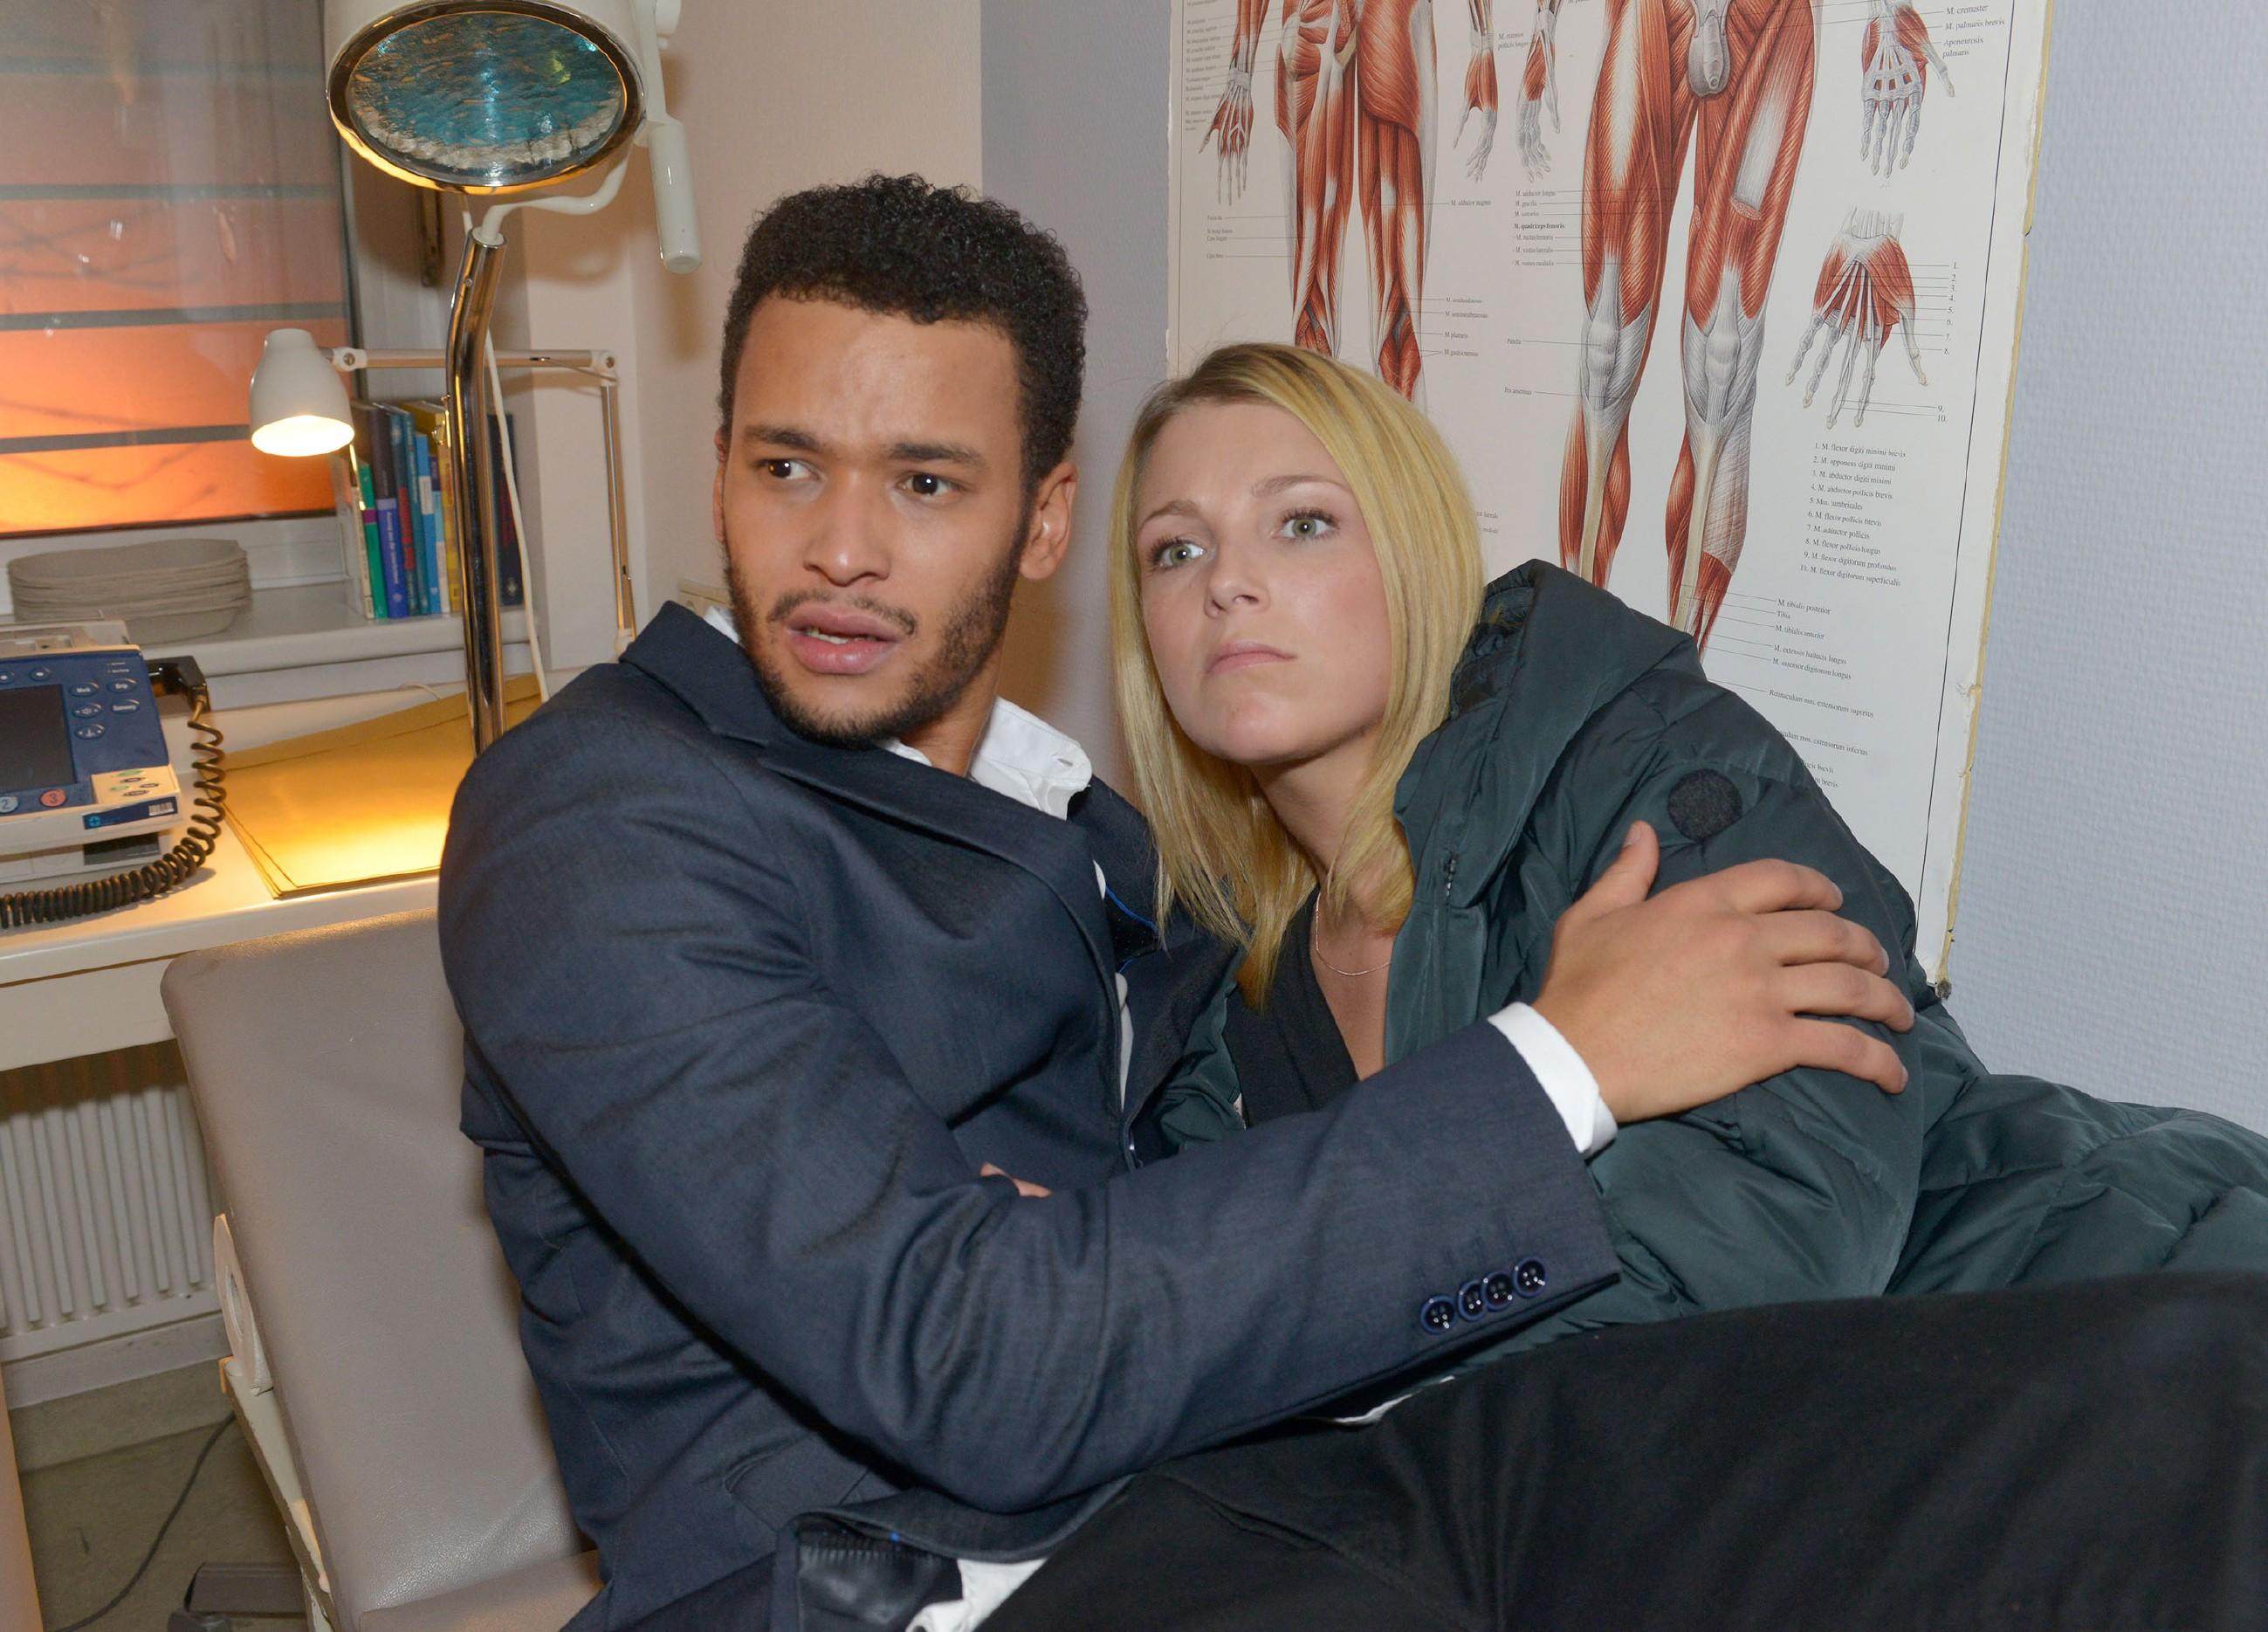 Gerade als Amar (Thando Walbaum) und Lilly (Iris Mareike Steen) endlich ihren Abend genießen wollen, werden sie Opfer eines feigen Brandanschlages... (Quelle: RTL / Rolf Baumgartner)